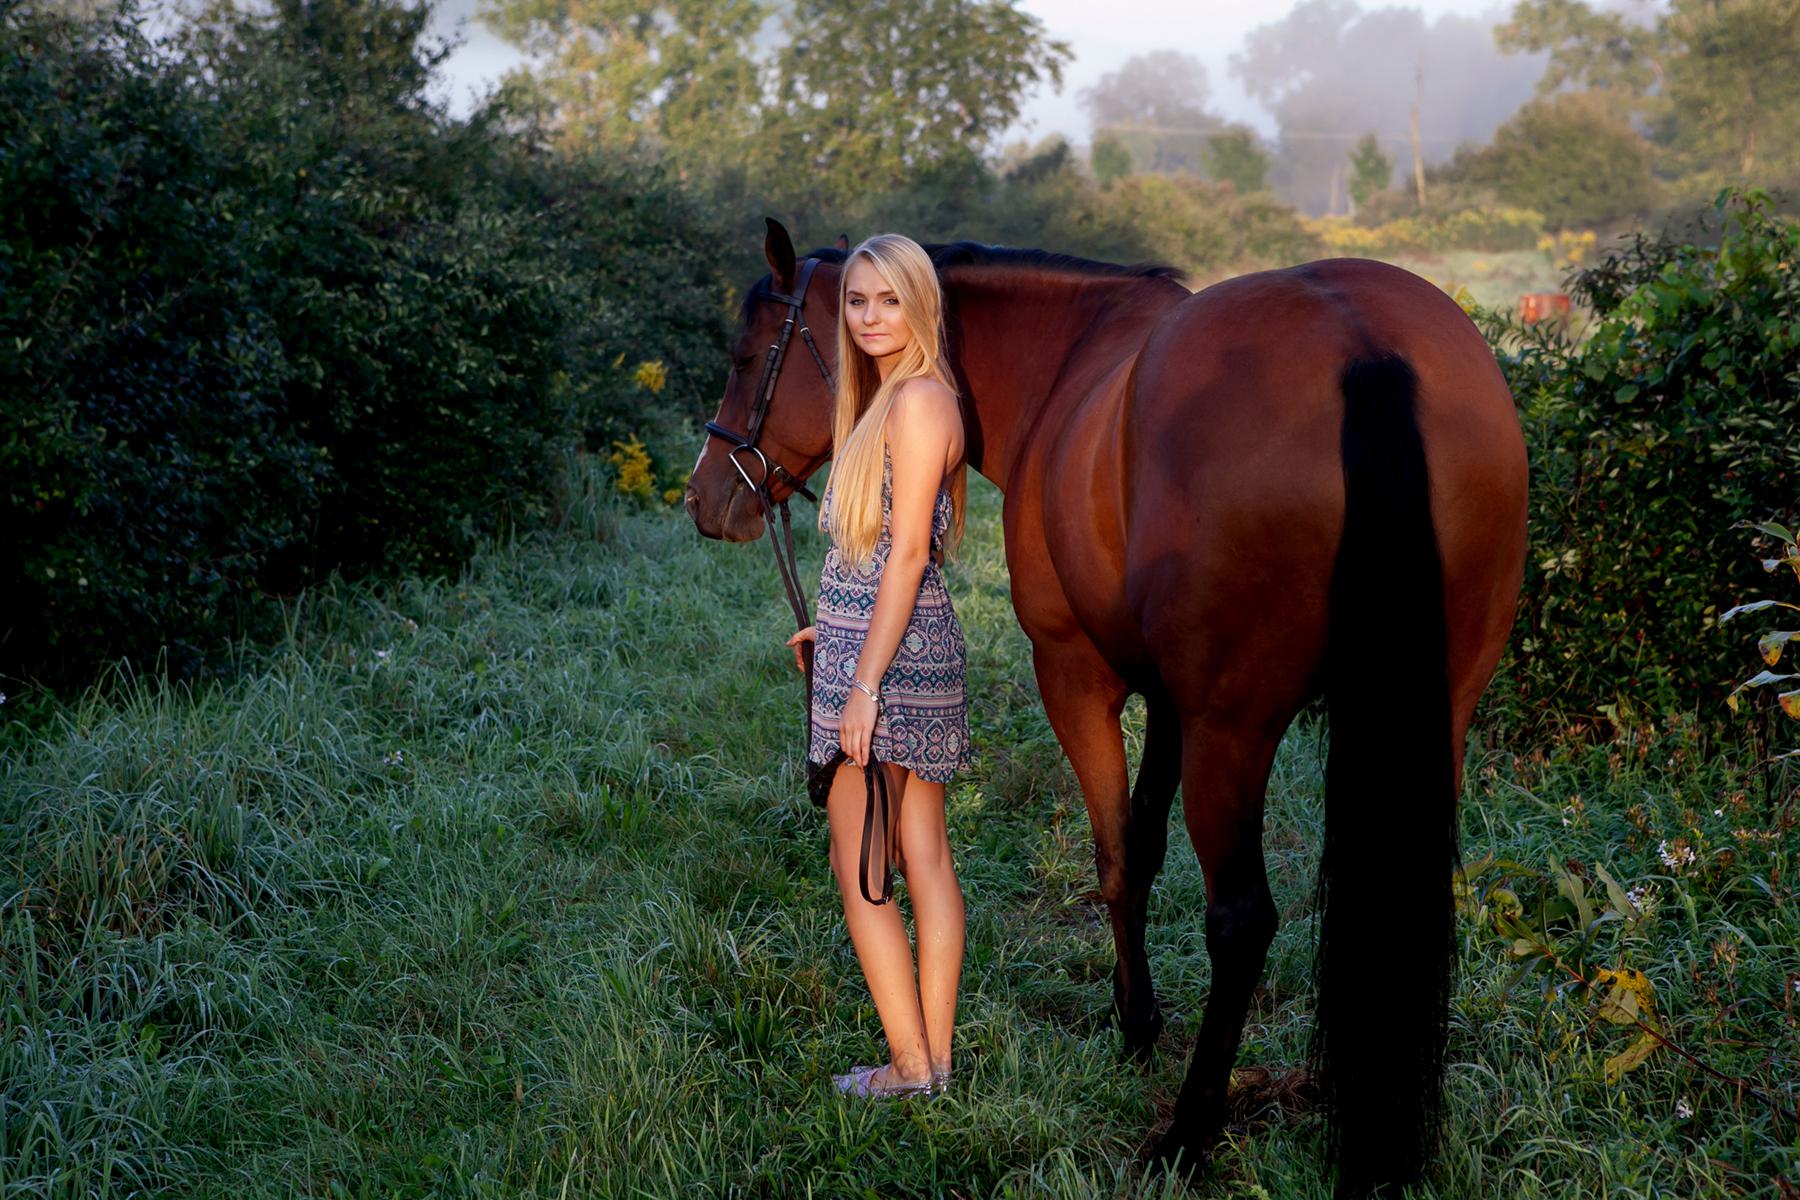 Equine_022.jpg